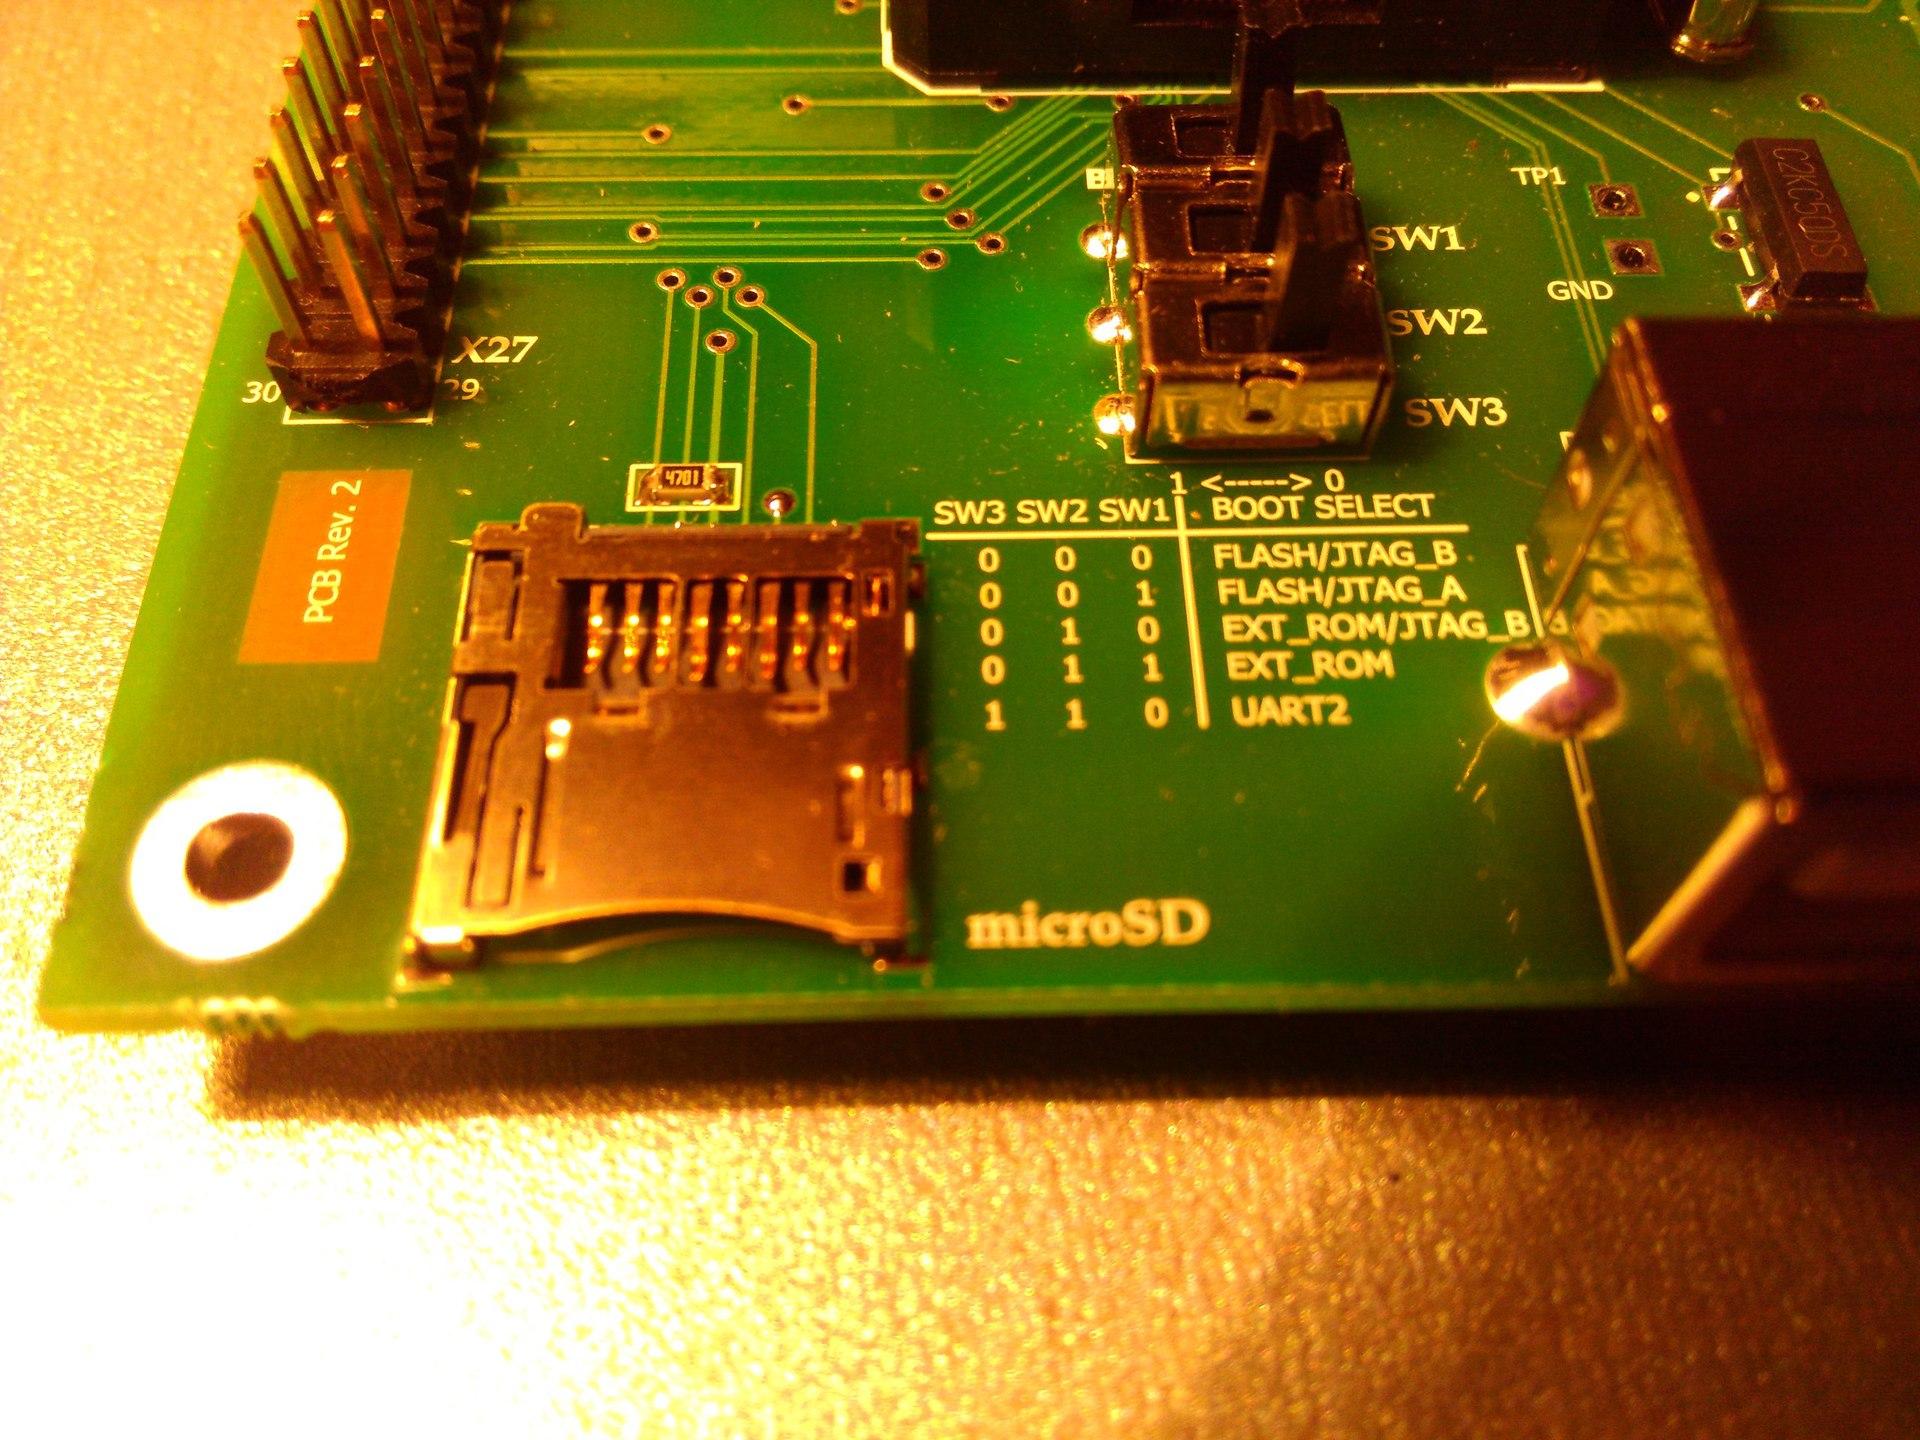 Переходим с STM32F103 на К1986ВЕ92QI. Или первое знакомство с российским микроконтроллером - 13